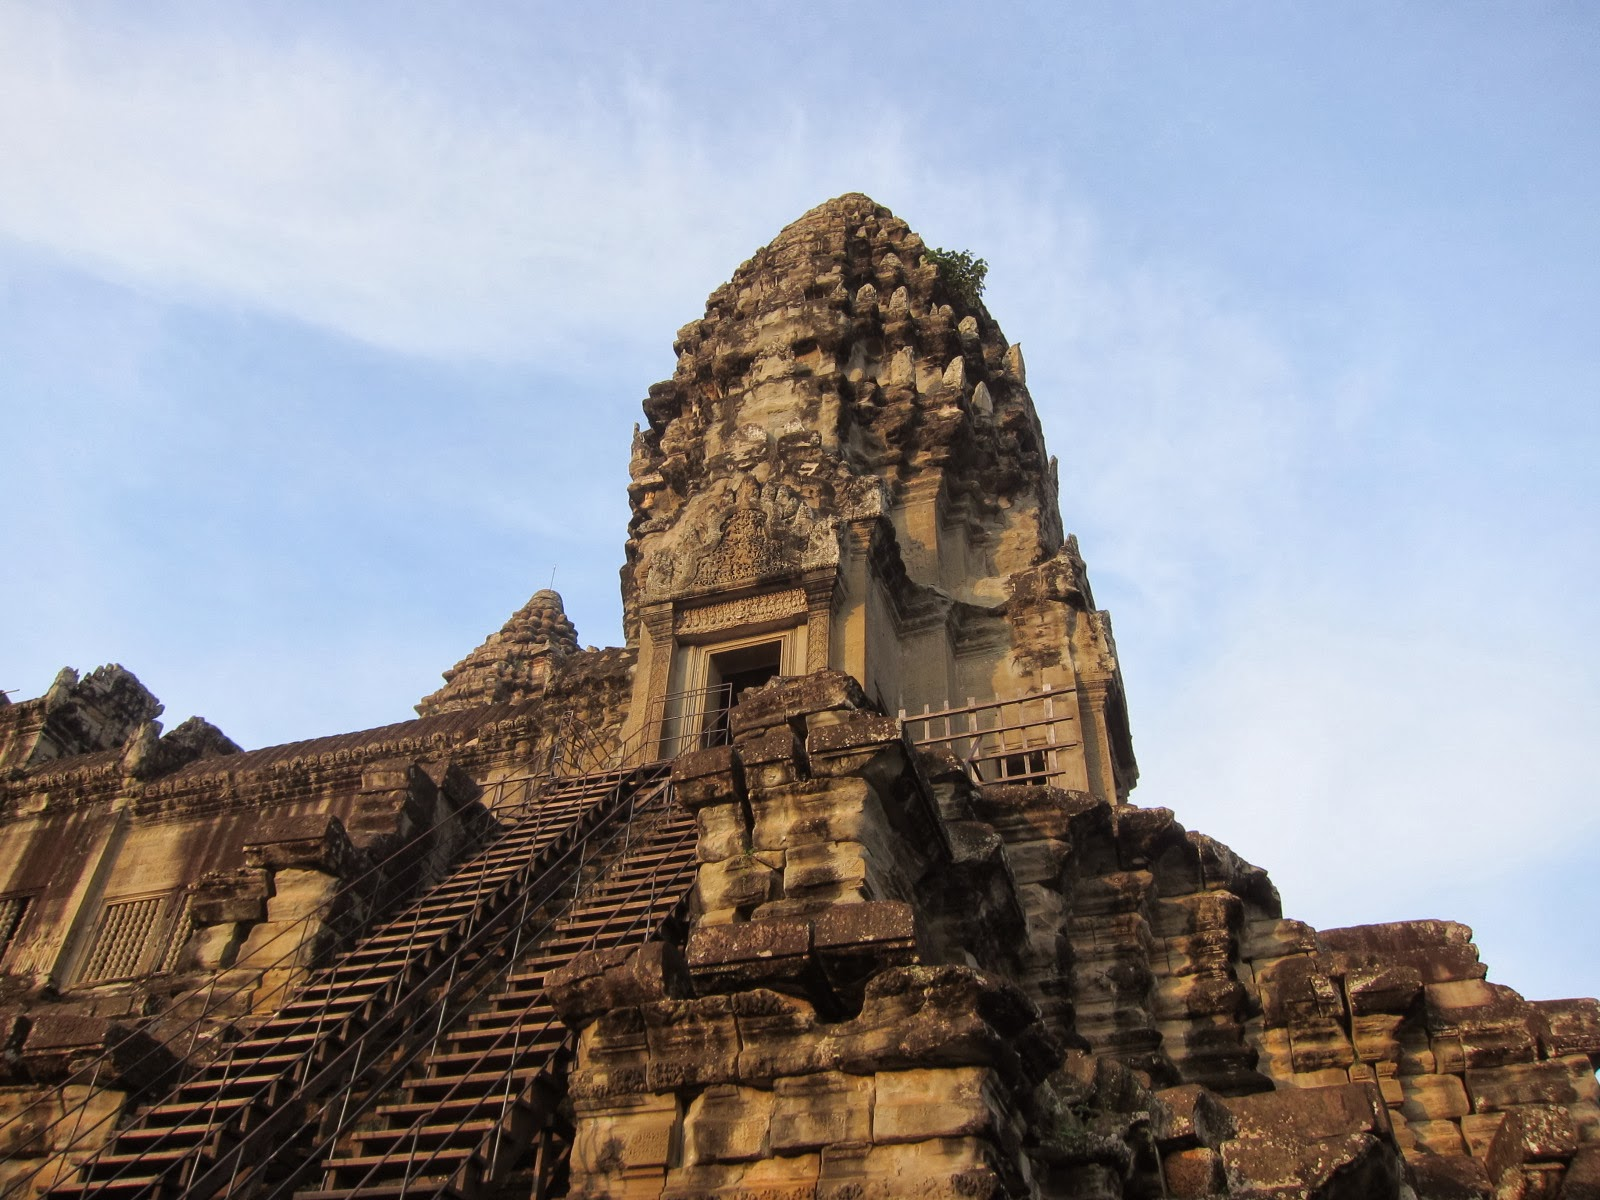 Day 2 in Cambodia - Angkor Wat Ruins